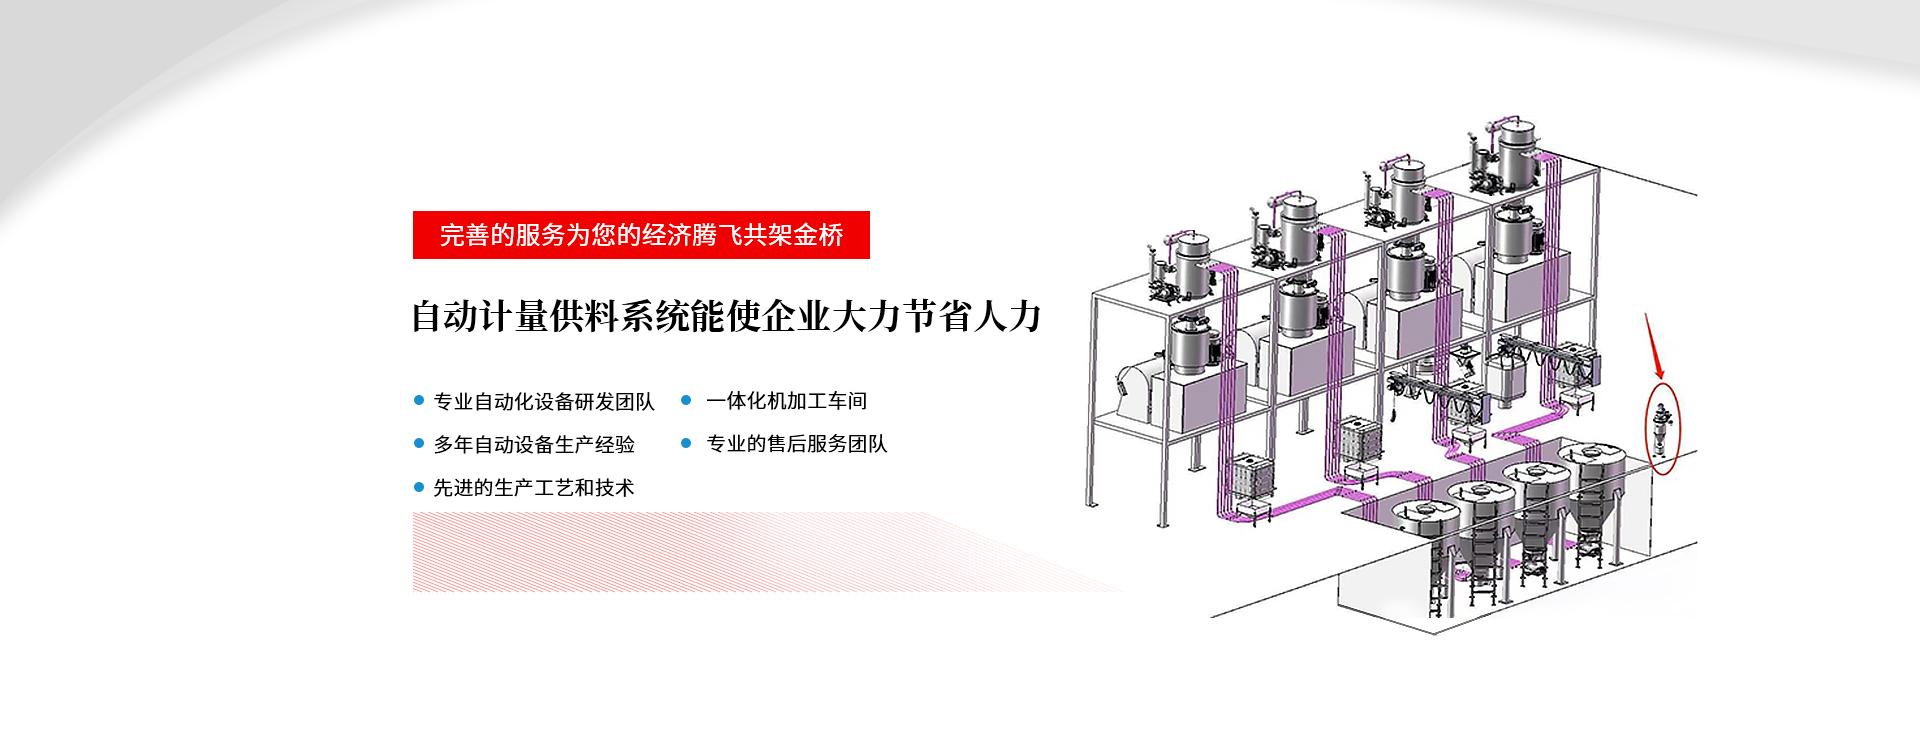 自動供料系統